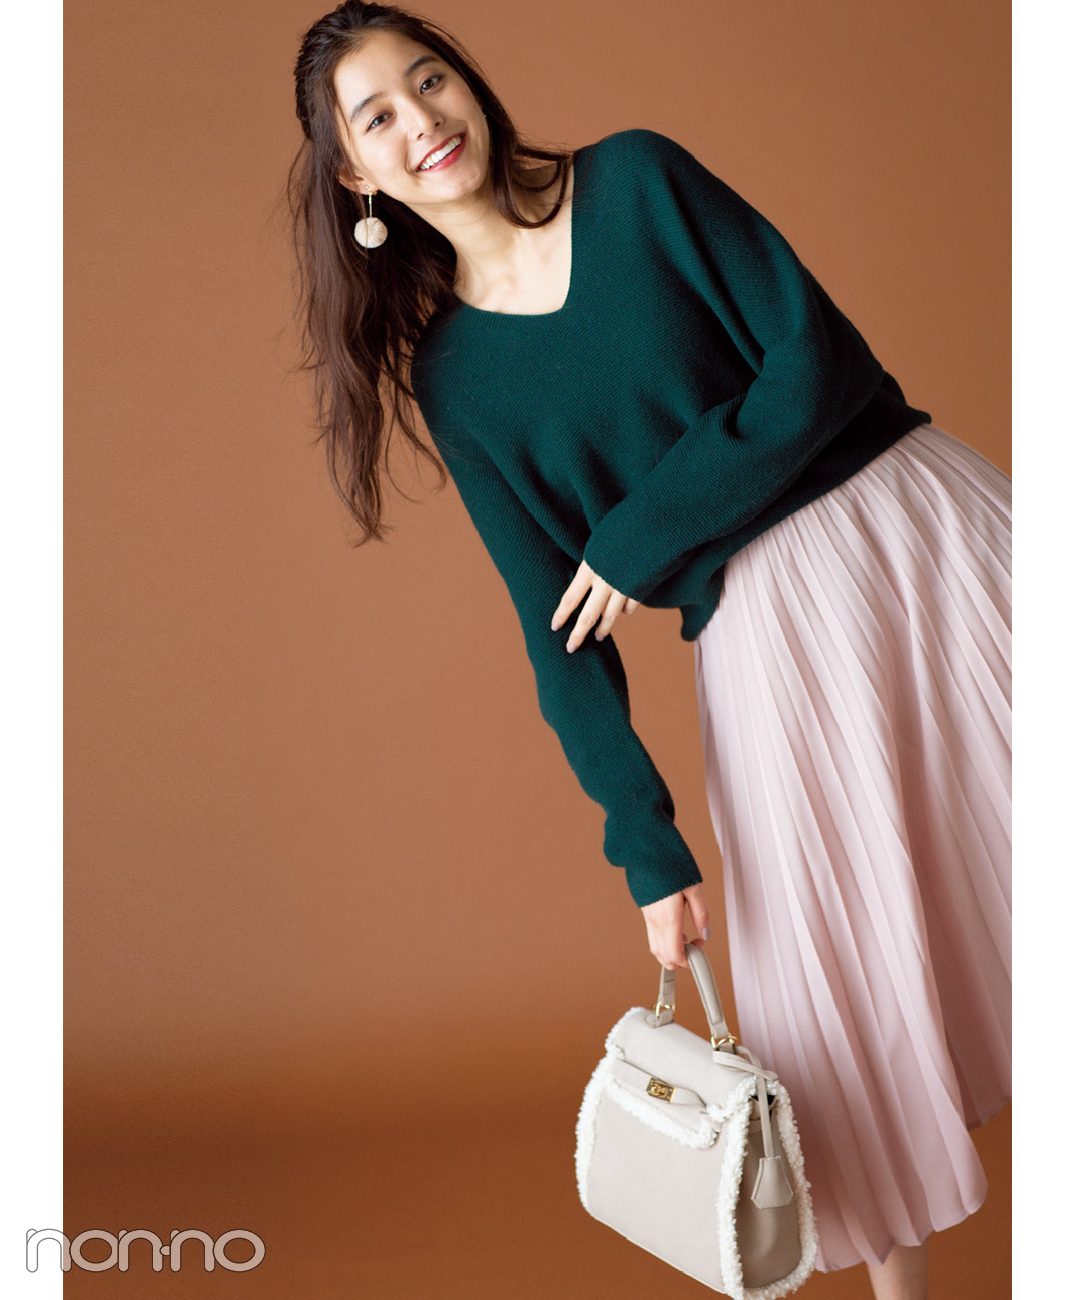 【ユニクロのプリーツスカート】凛としたグリーンのゆるVニットには甘いピンクを添えて凛としたグリーンのニットには甘いピンクを添えて